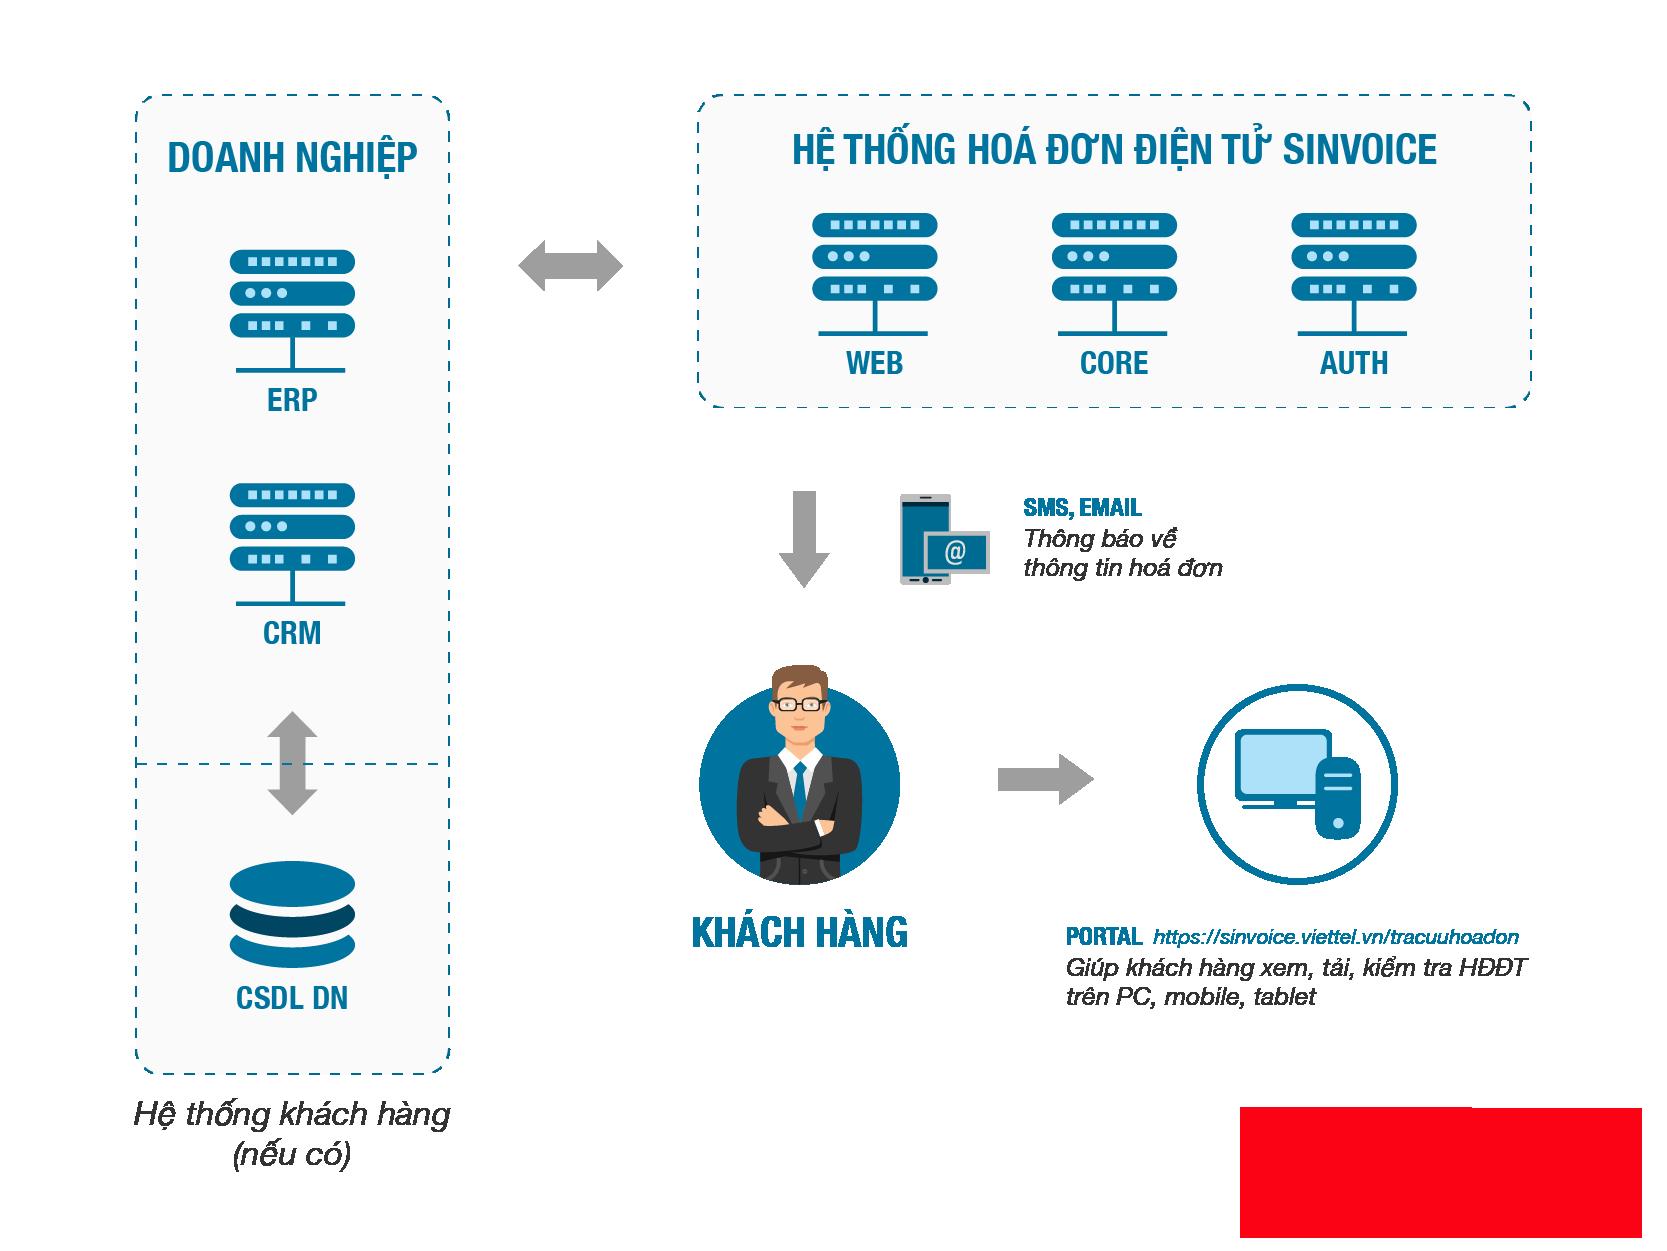 Phần mềm hóa đơn điện tử giá rẻ Viettel tích hợp sẵn tính năng gửi tin nhắn SMS